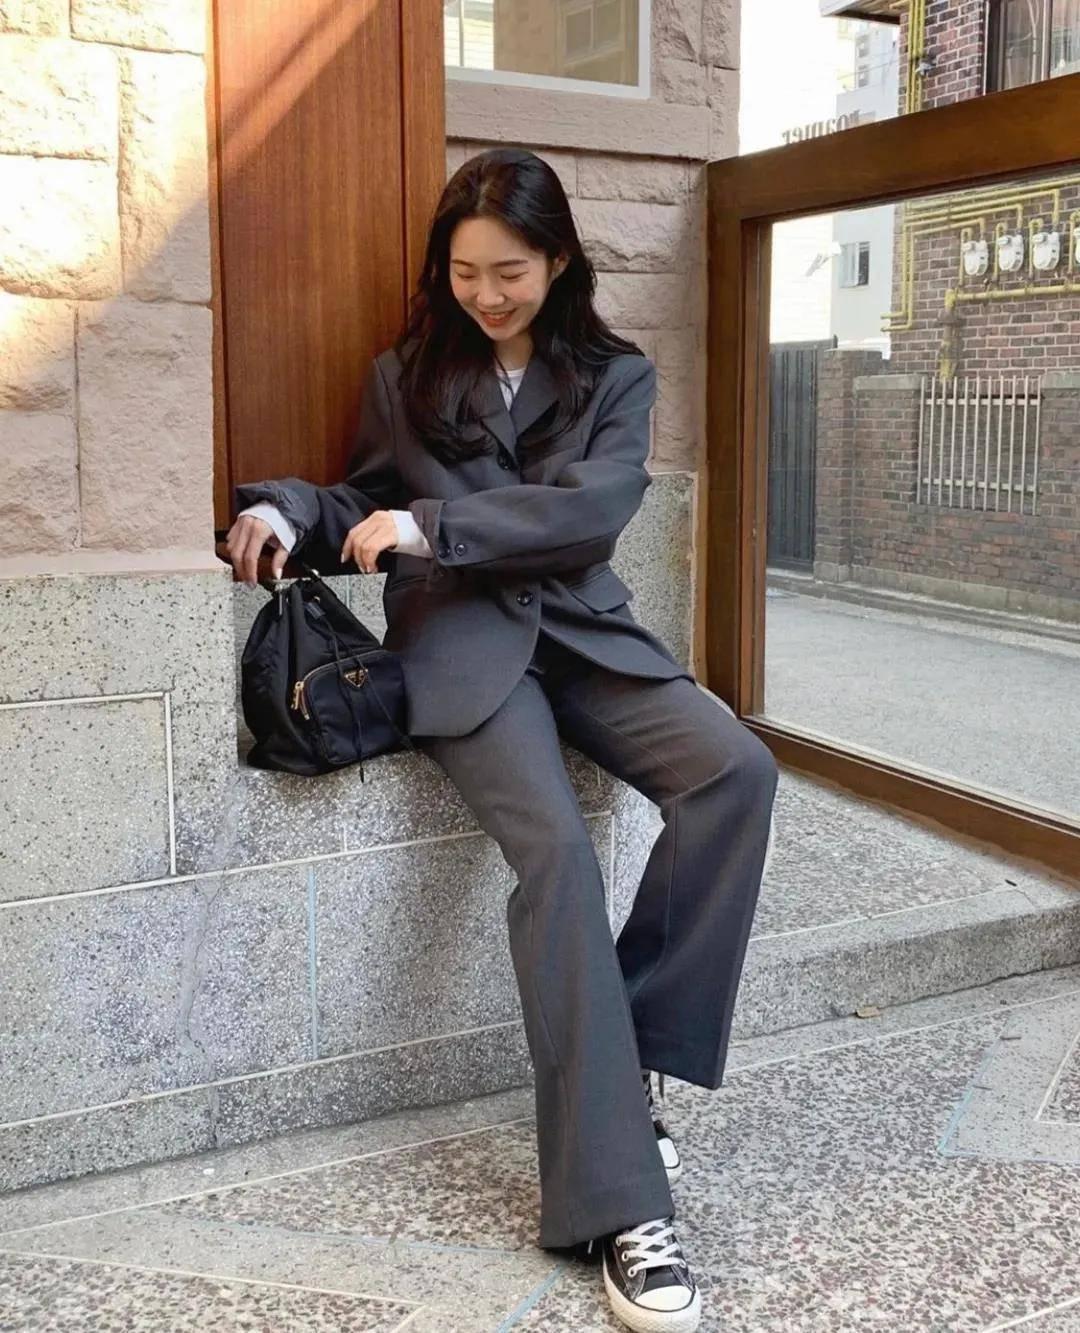 打工人春天通勤气质穿搭,干练时尚知性优雅,升职加薪全靠它!